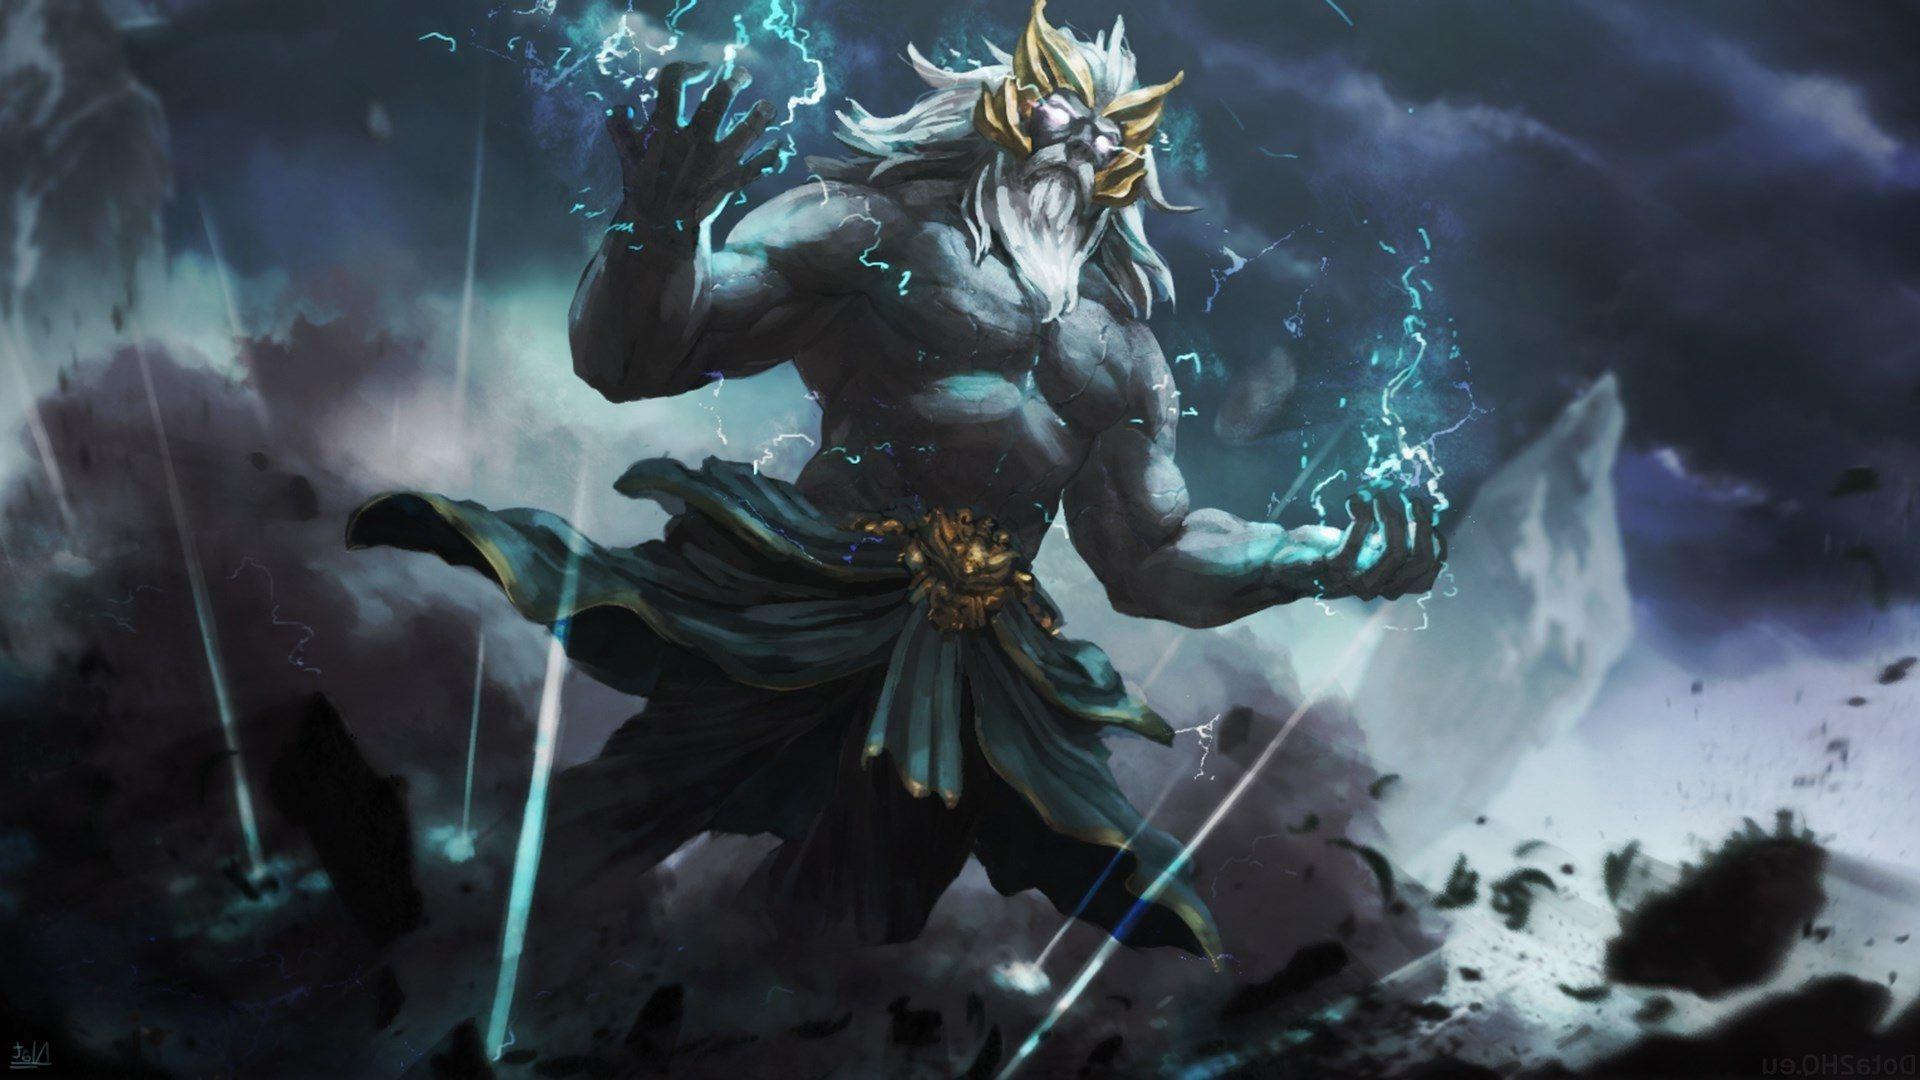 Zeus Wallpapers Top Free Zeus Backgrounds Wallpaperaccess